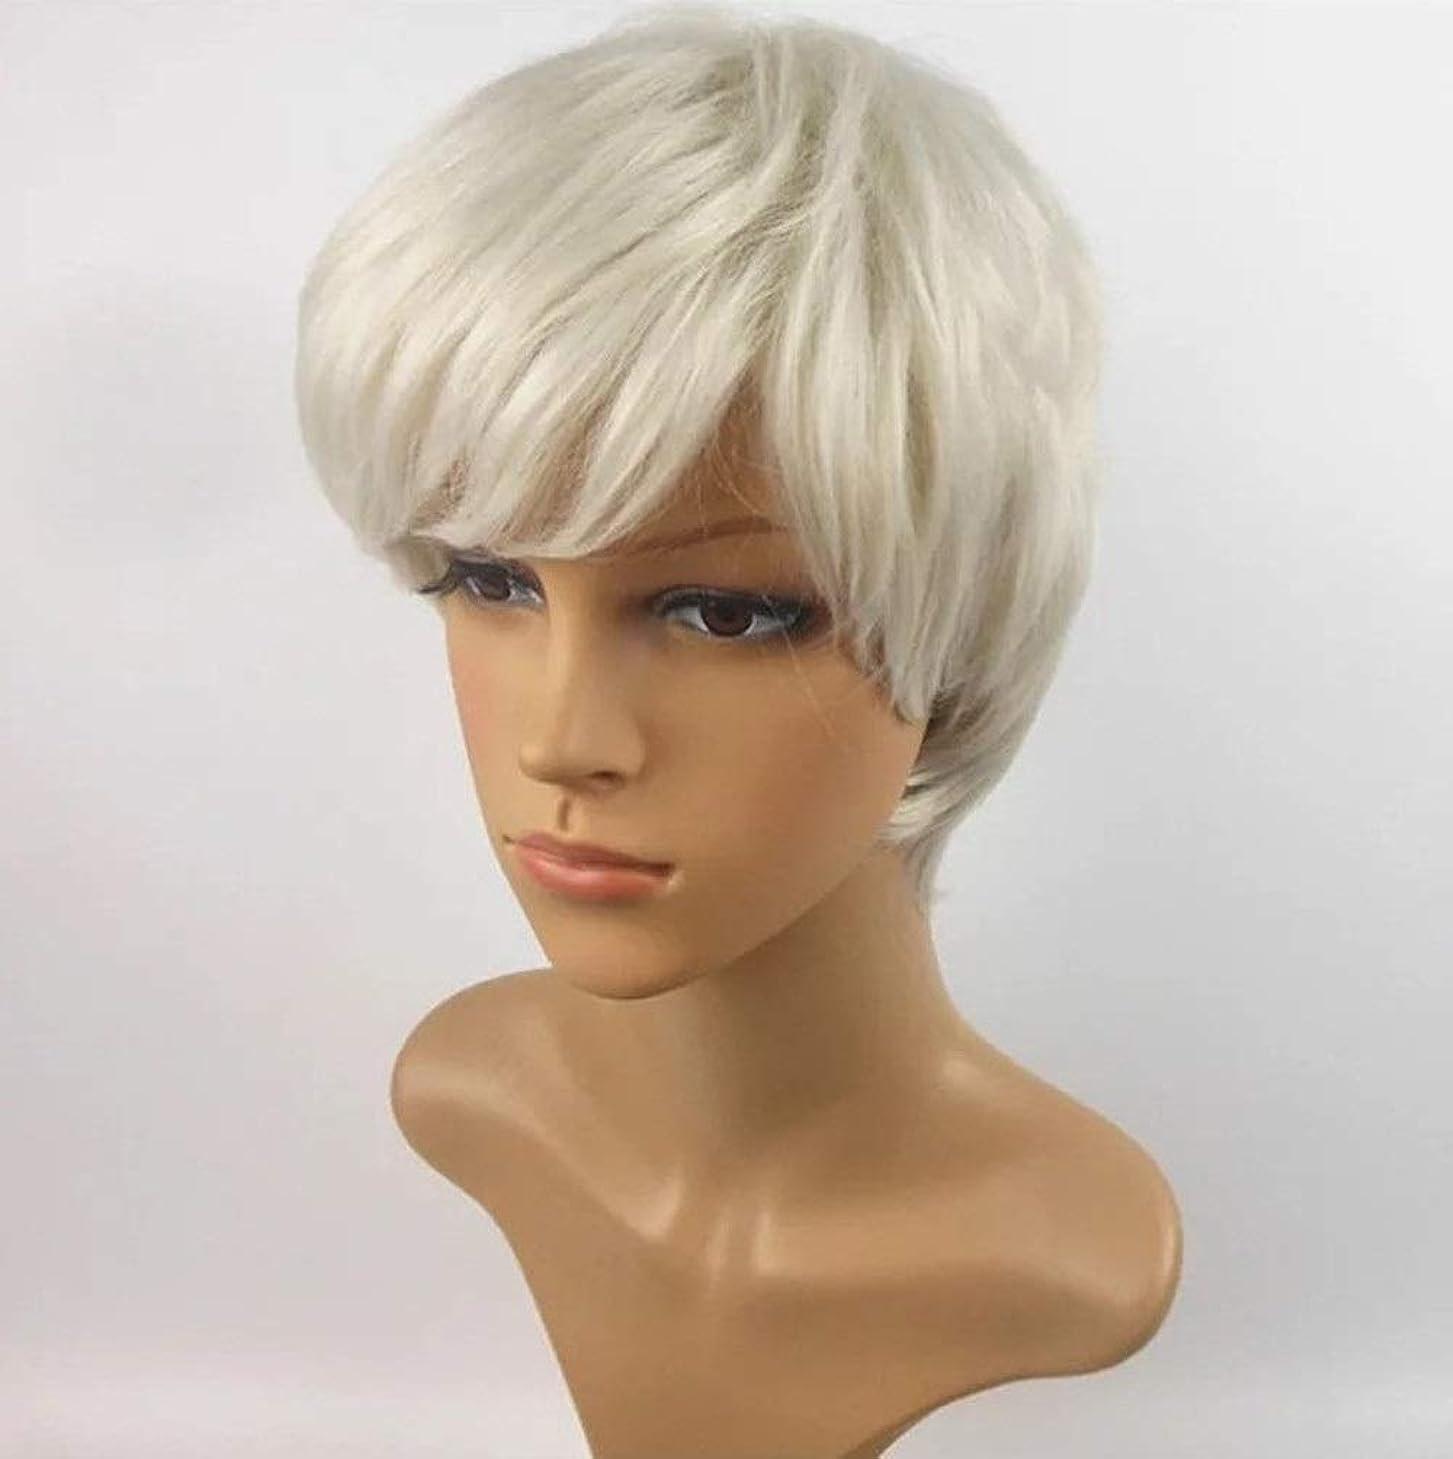 分散用心するバインドSummerys 短い巻き毛のかつら髪かつら女性のための自然な耐熱フルウィッグ (Color : White)